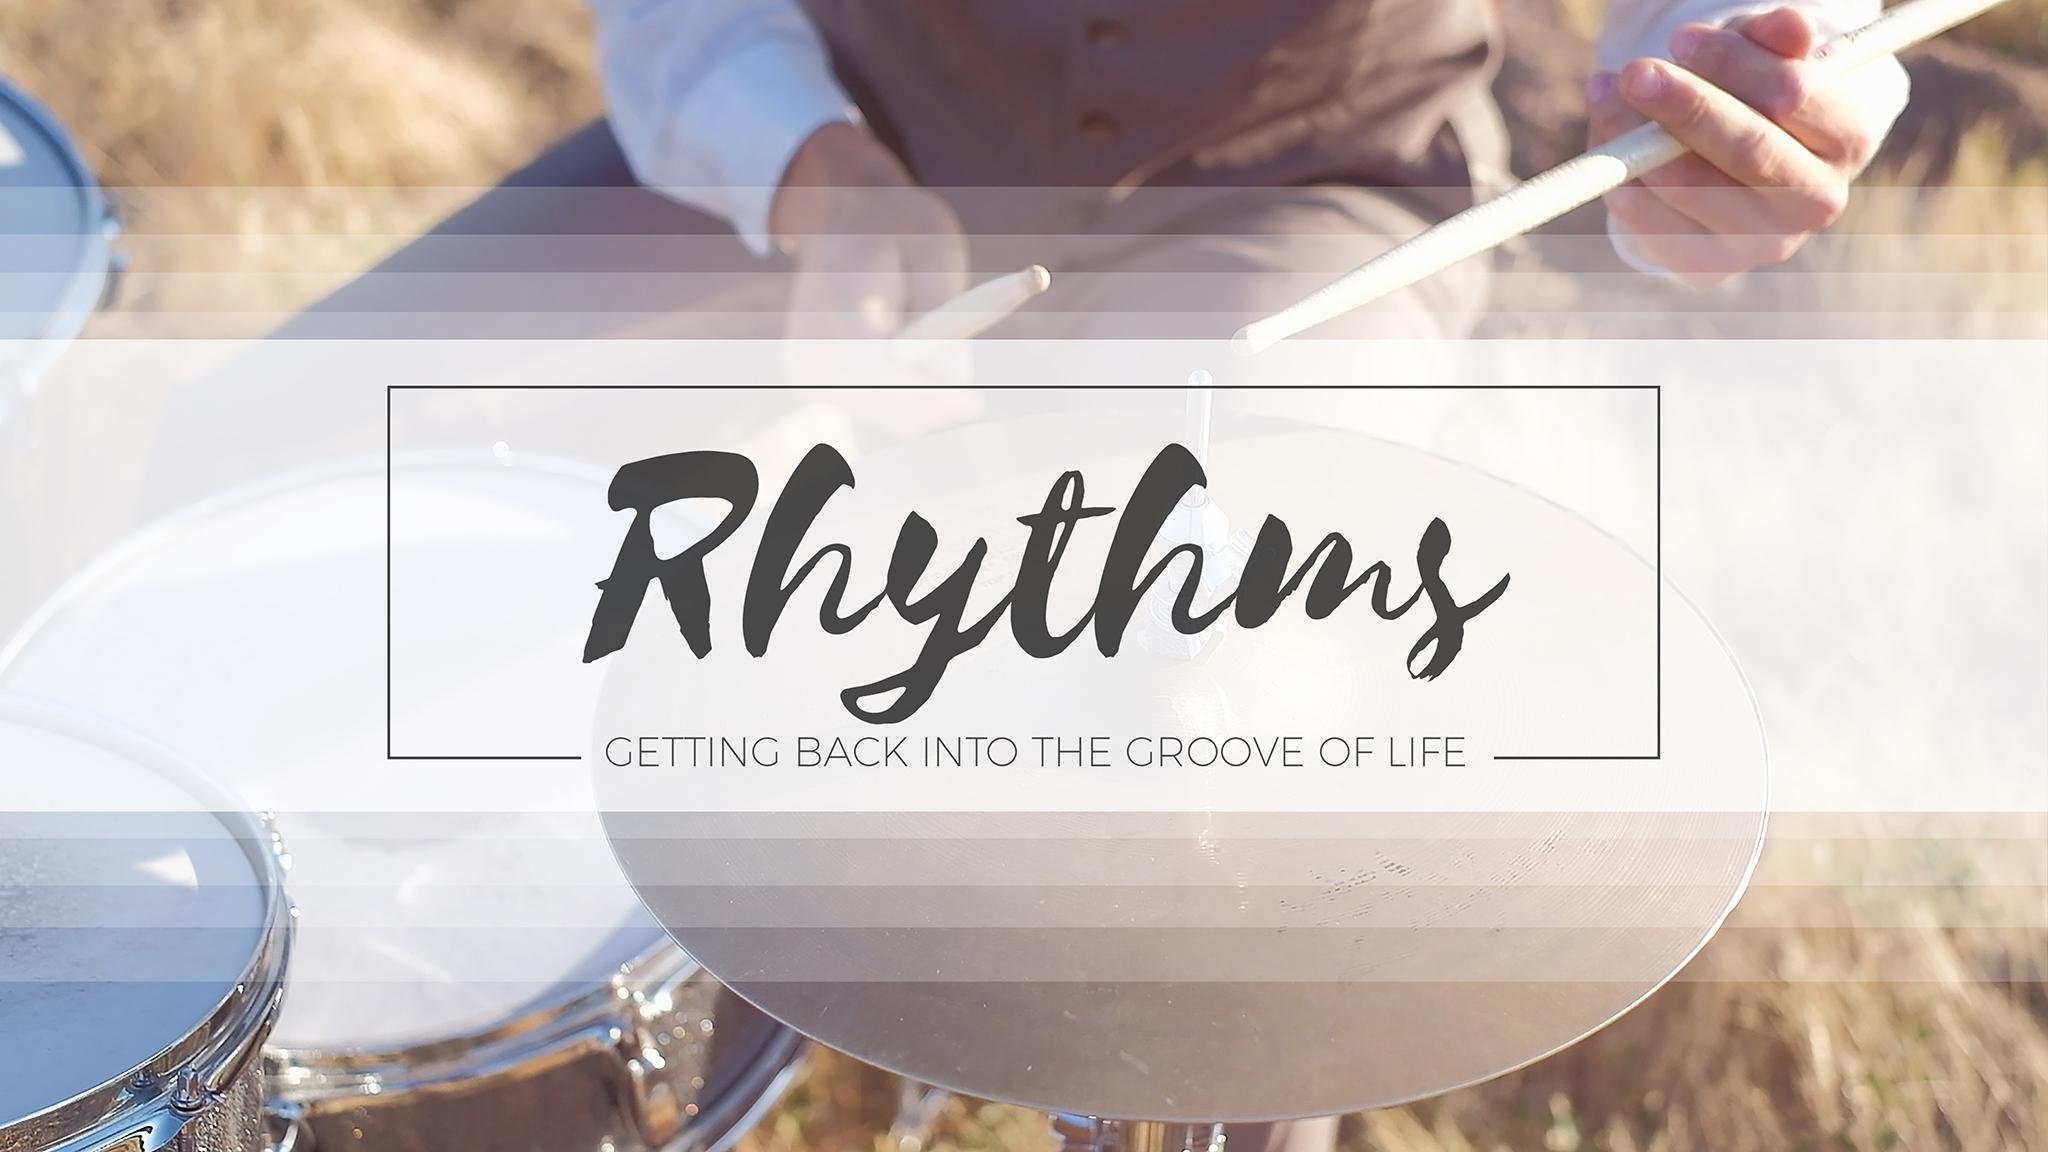 RhythmsSmall.jpg